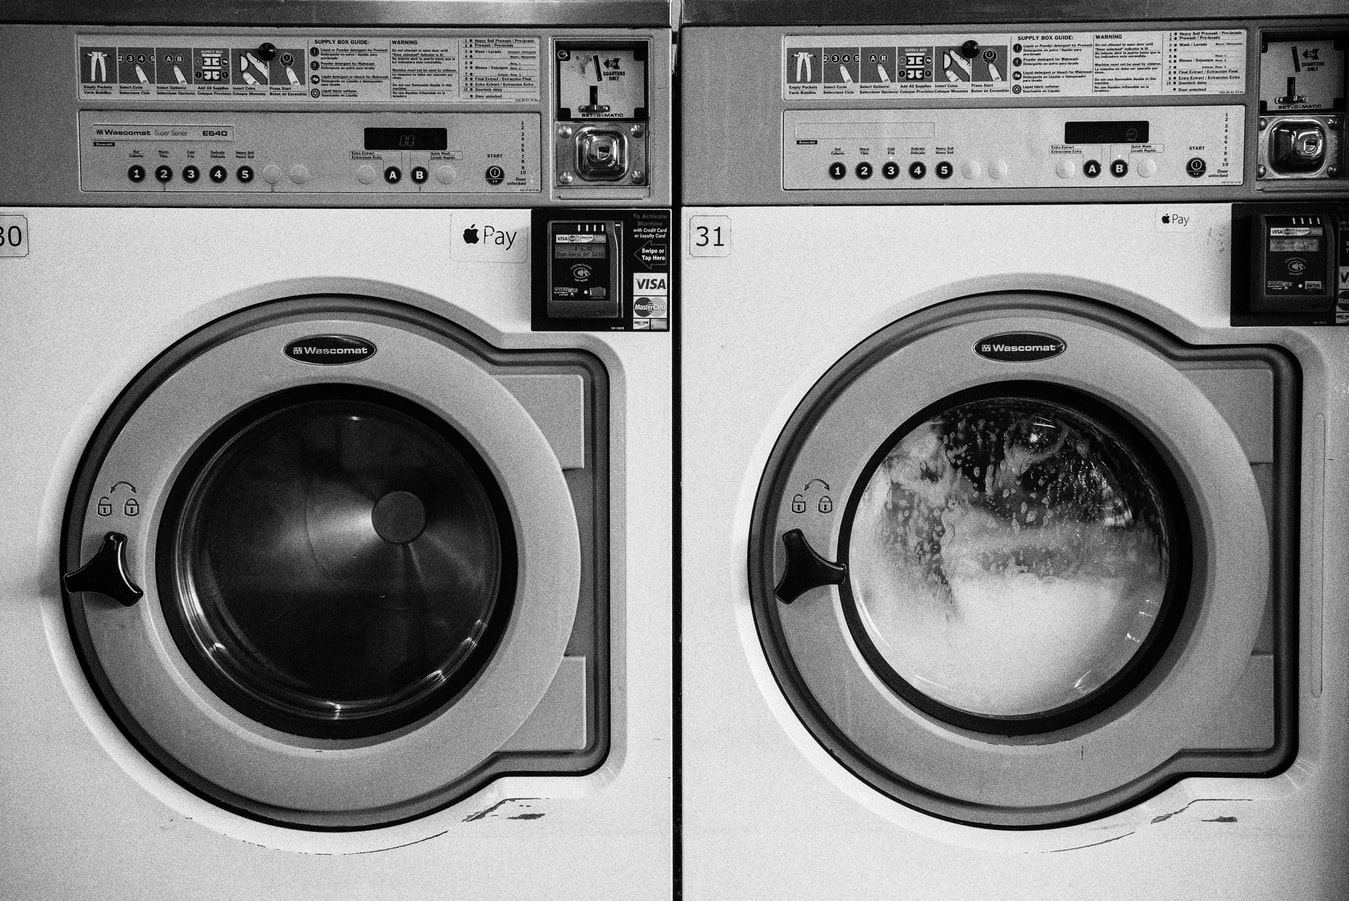 Det skal du undgå, når du vasker